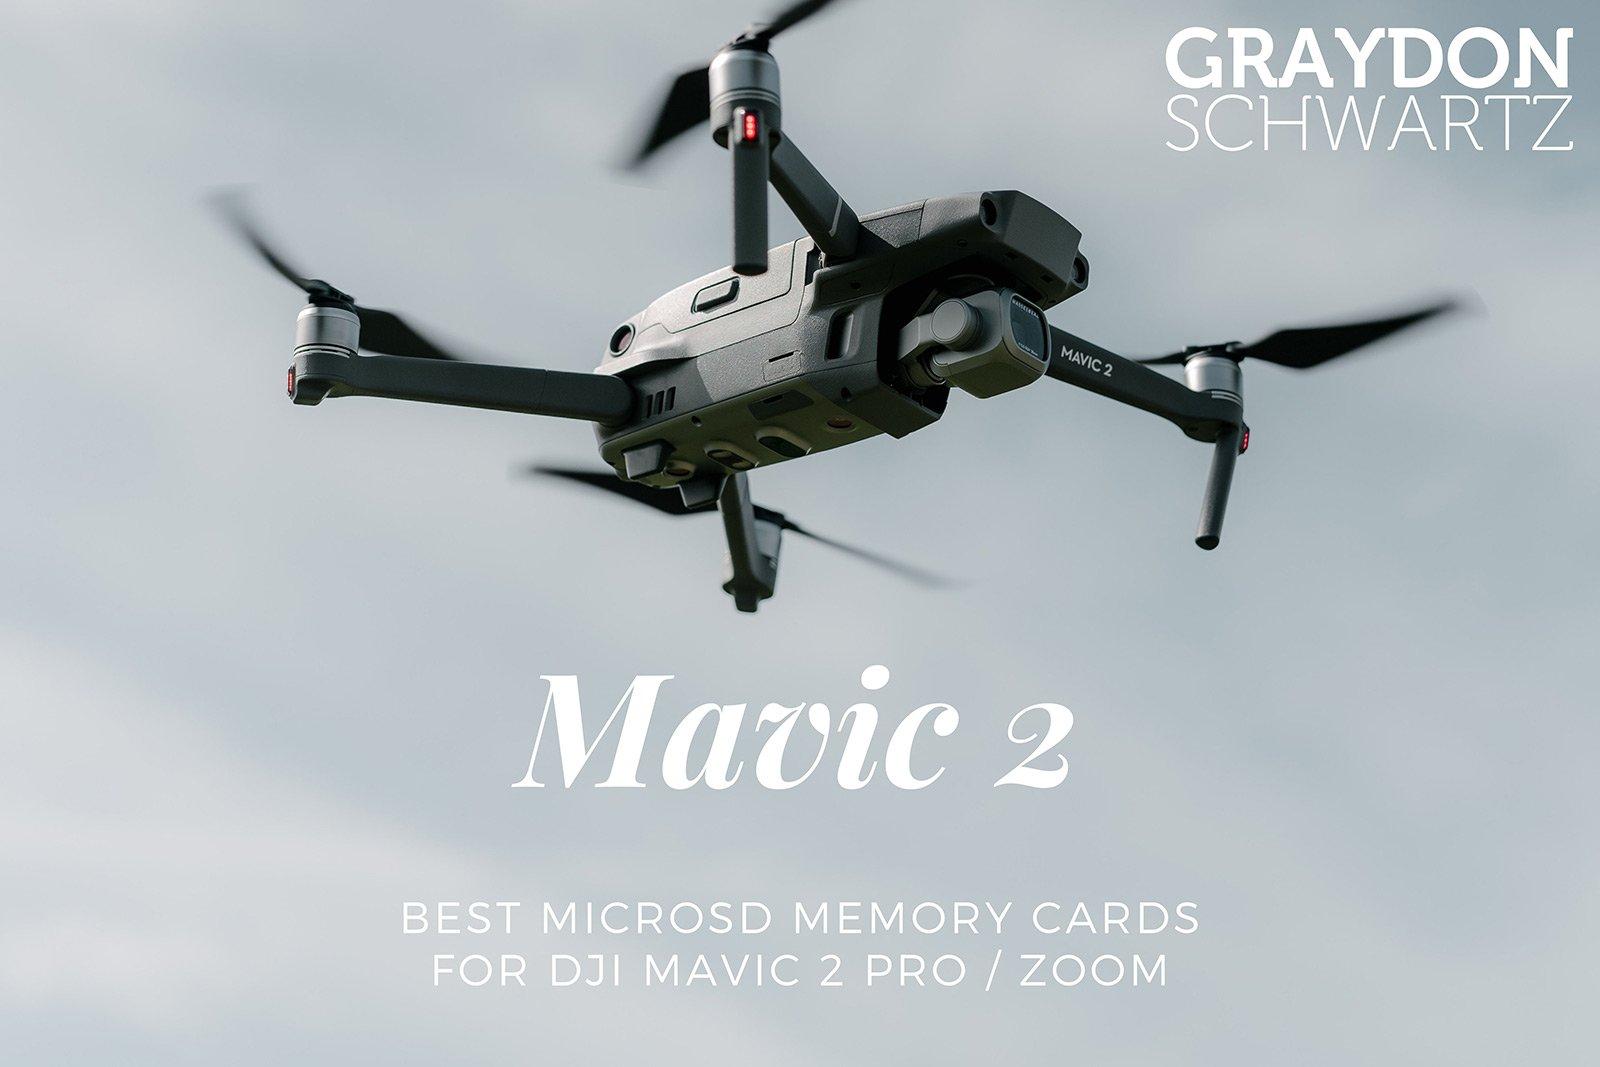 Las mejores tarjetas de memoria MicroSD para el DJI Mavic 2 Pro / Zoom